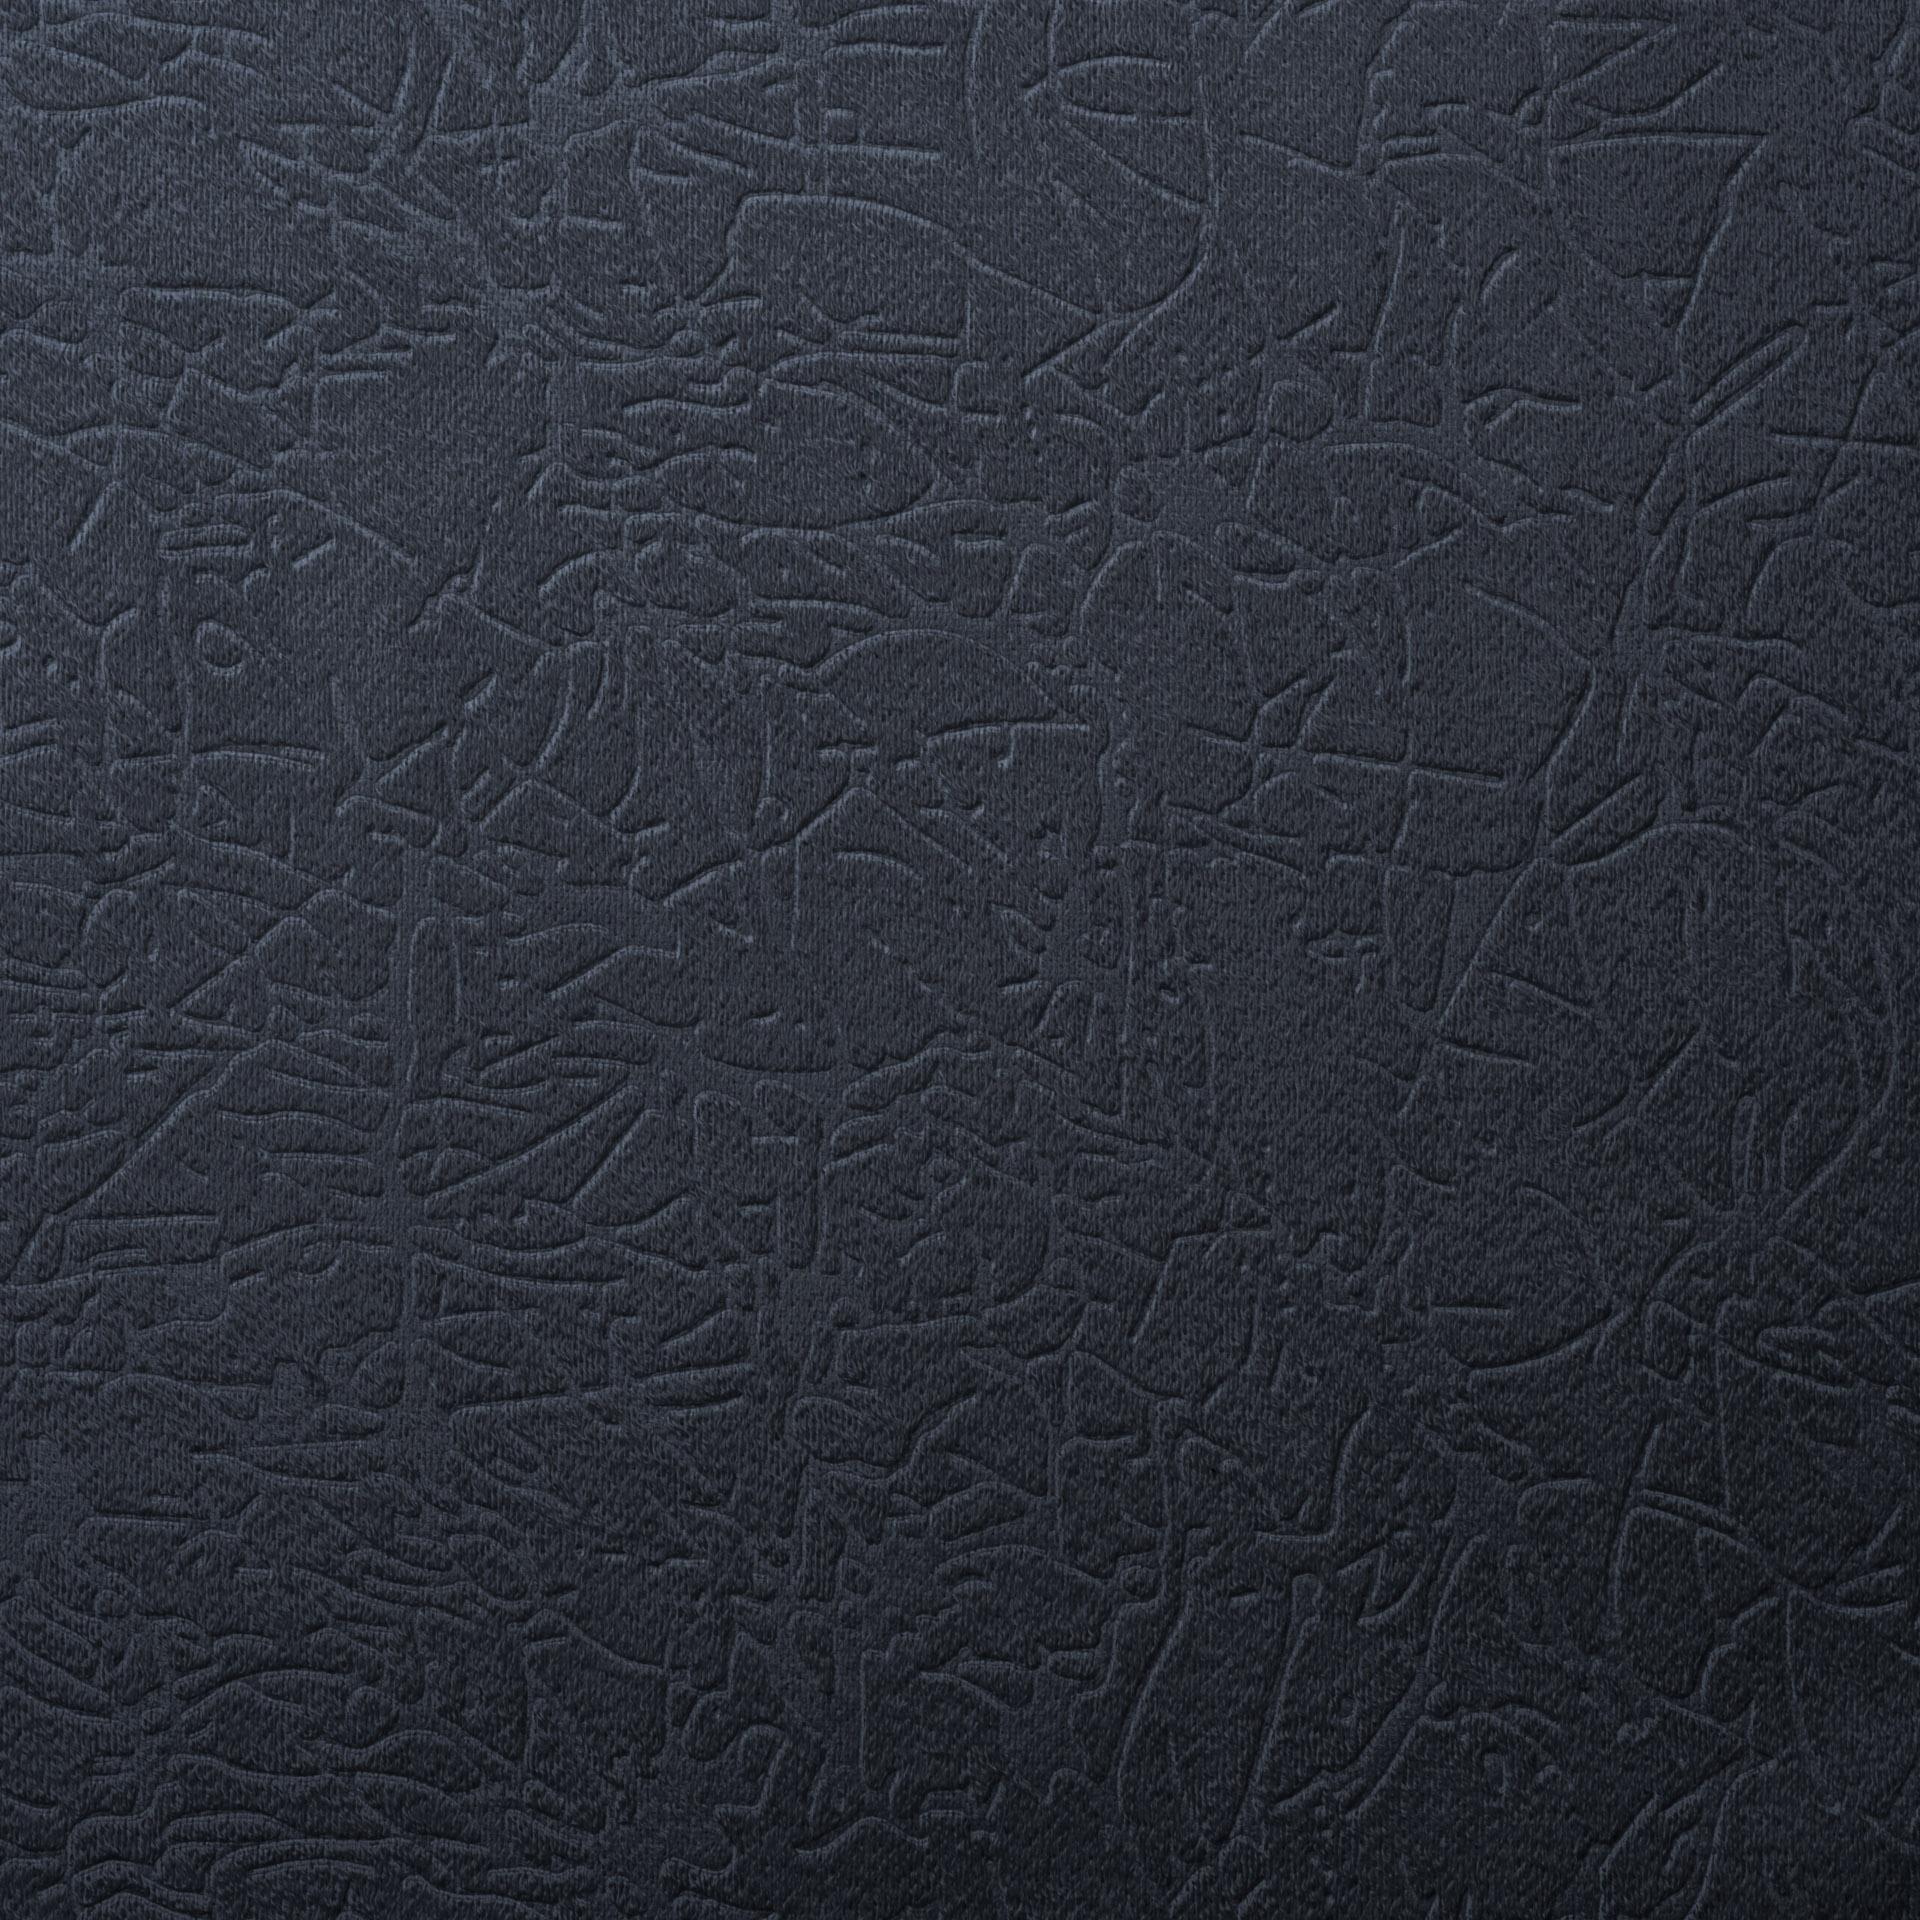 Коллекция ткани Пленет 08 GREY,  купить ткань Велюр для мебели Украина